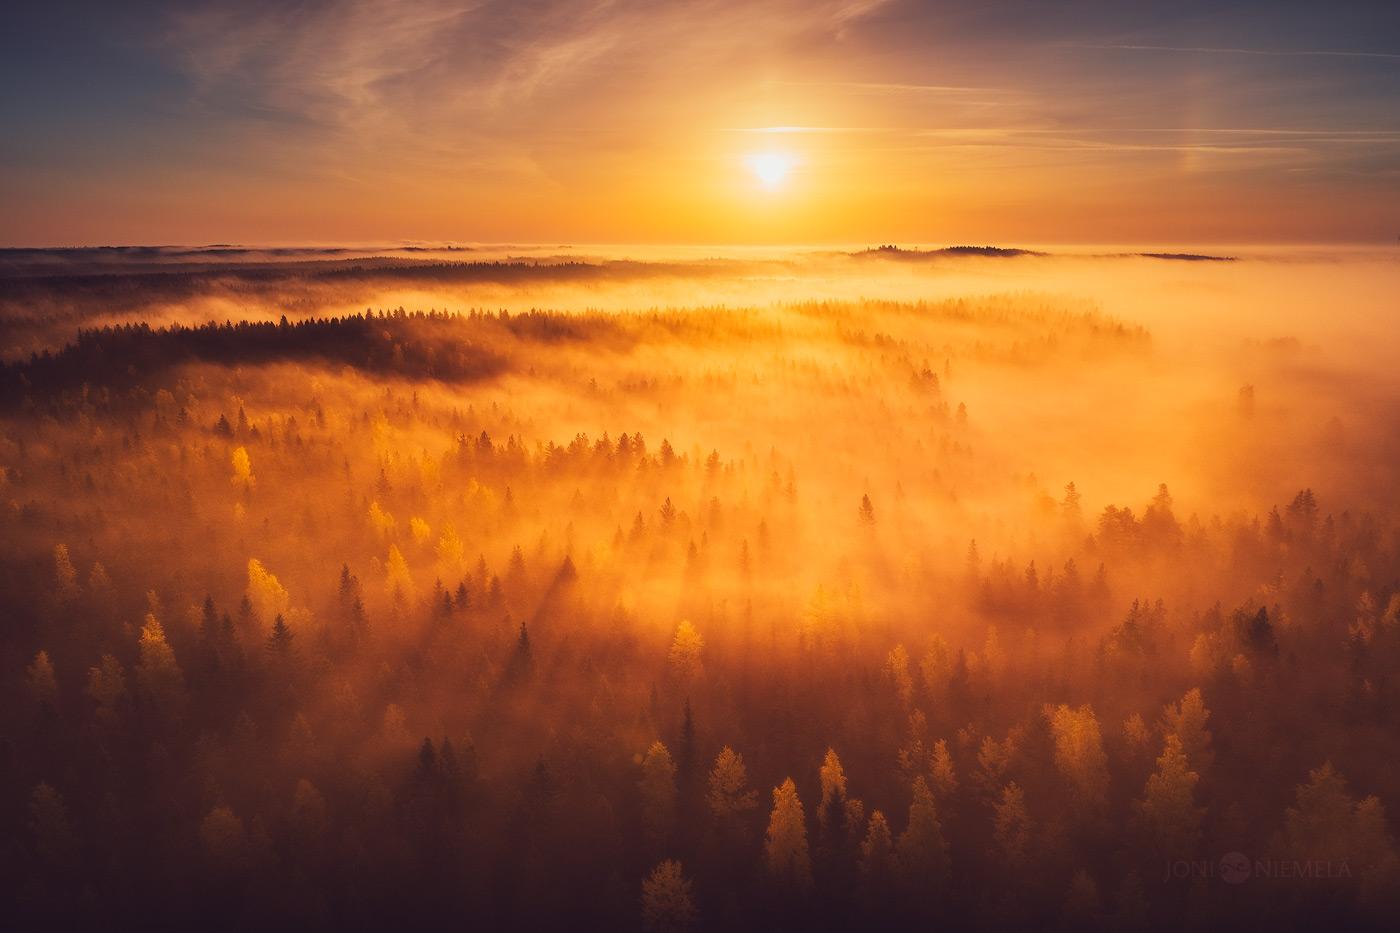 Autumn Sunrise by JoniNiemela